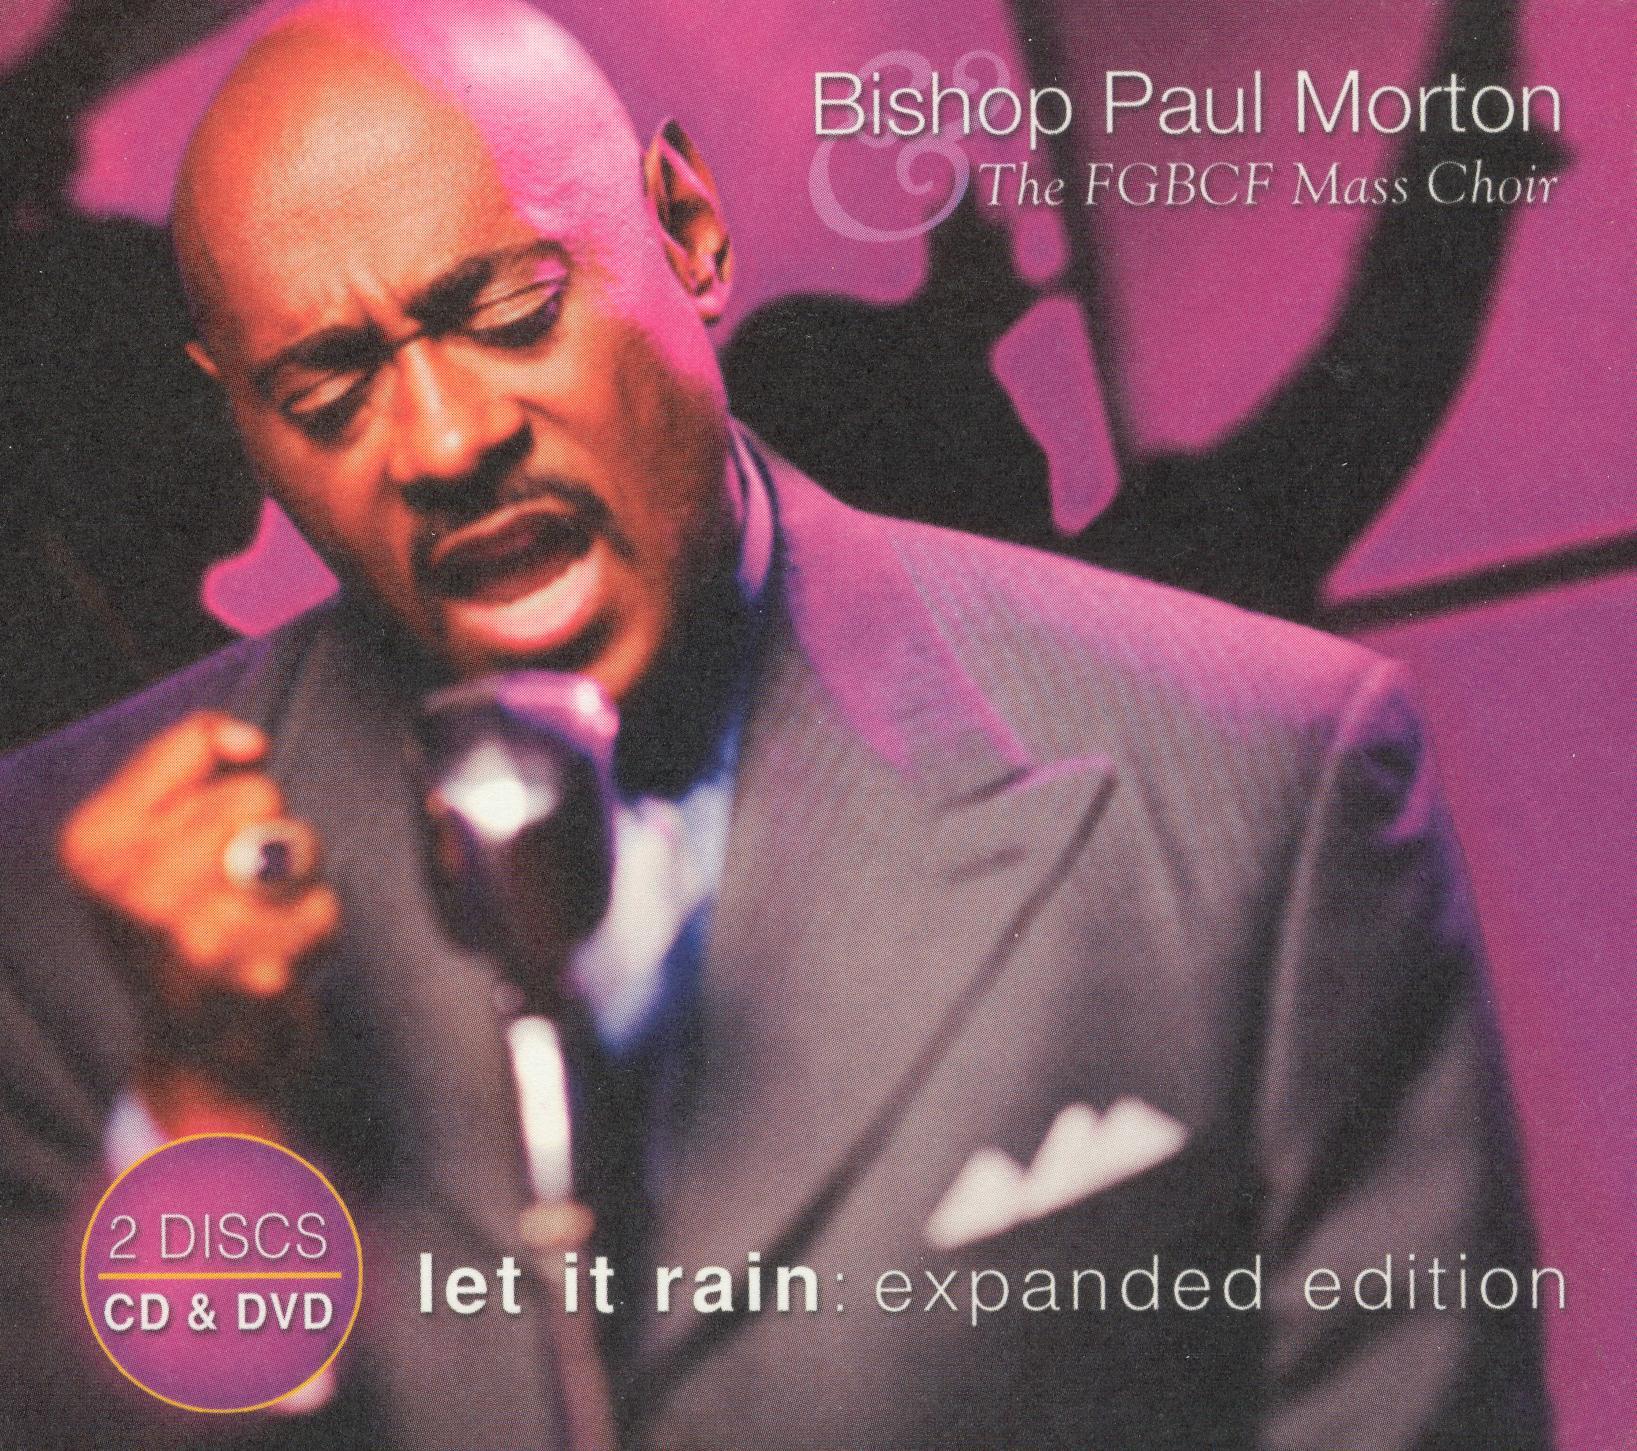 Bishop Paul S. Morton & the FGBCF Mass Choir: Let it Rain